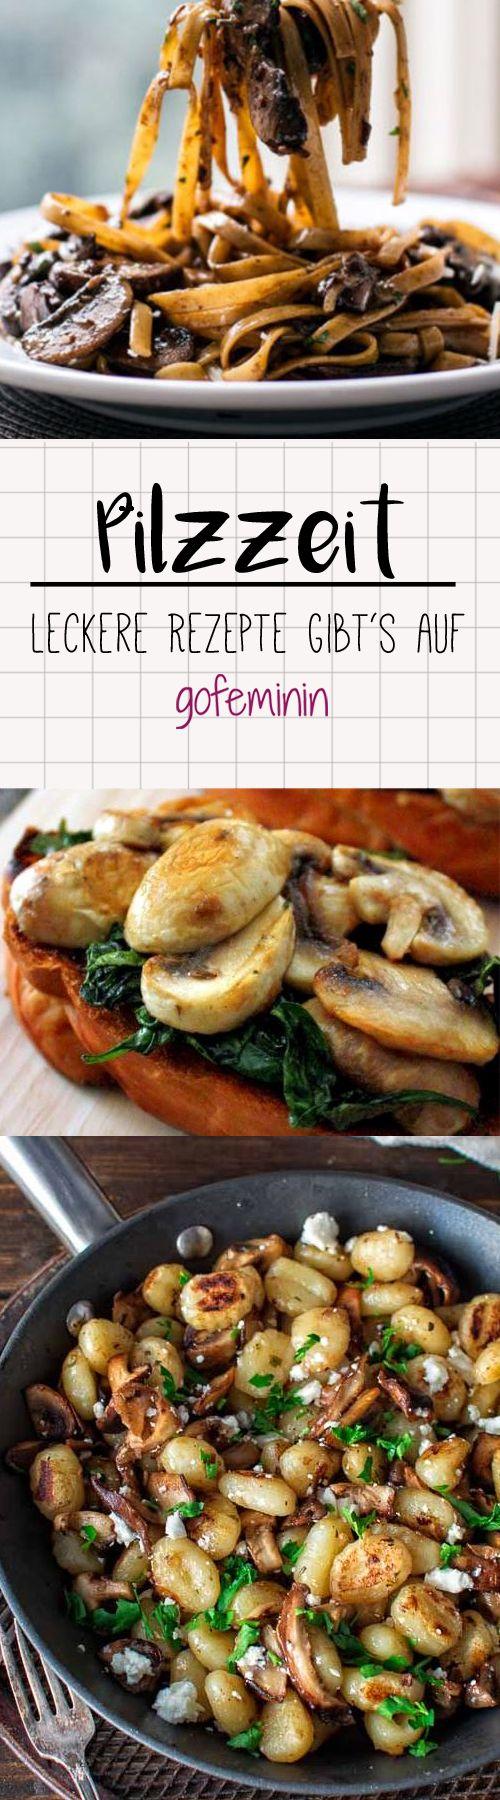 Pilze sorgen für ordentlich Abwechslung auf dem Speiseplan. Wir haben für alle Pilzliebhaber die geschmackvollsten Gerichte der Saison zusammengestellt.